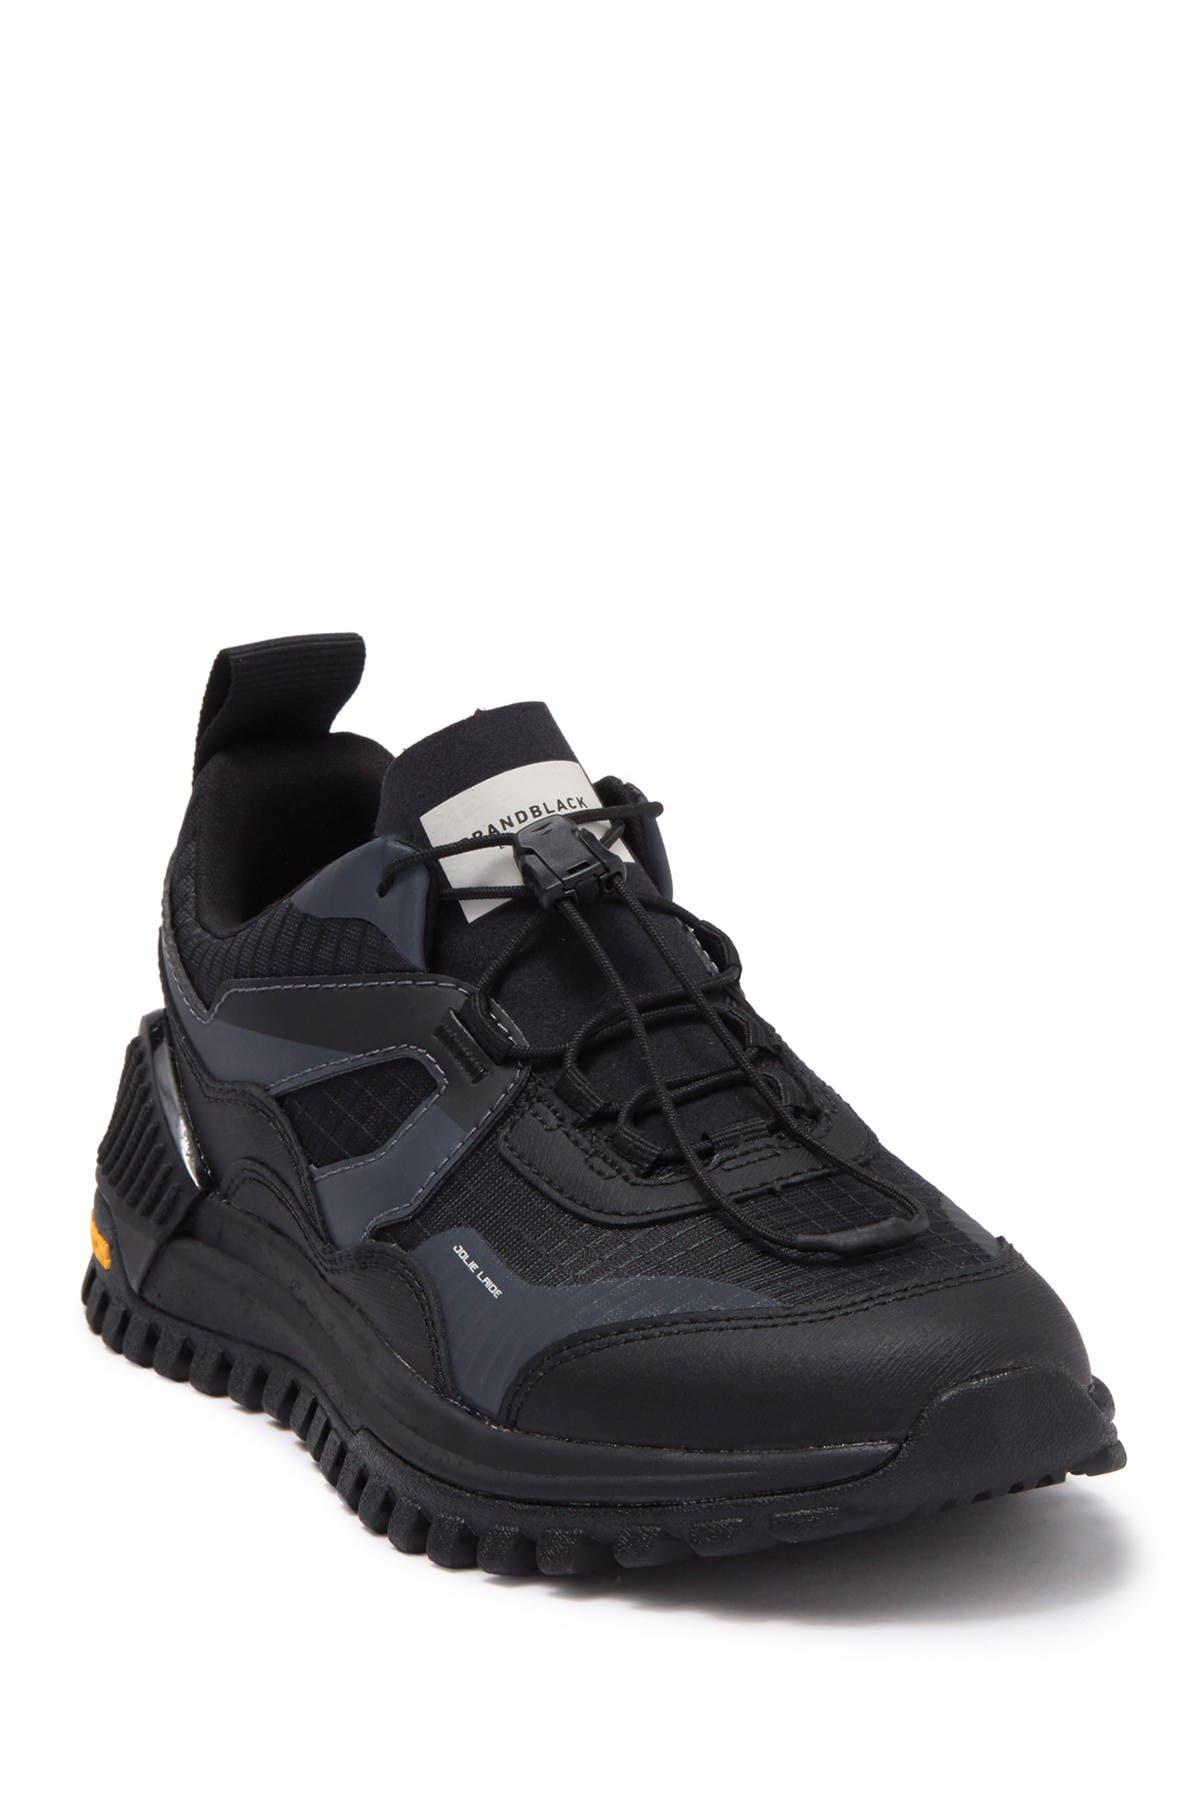 Image of Brandblack Sierra Sneaker